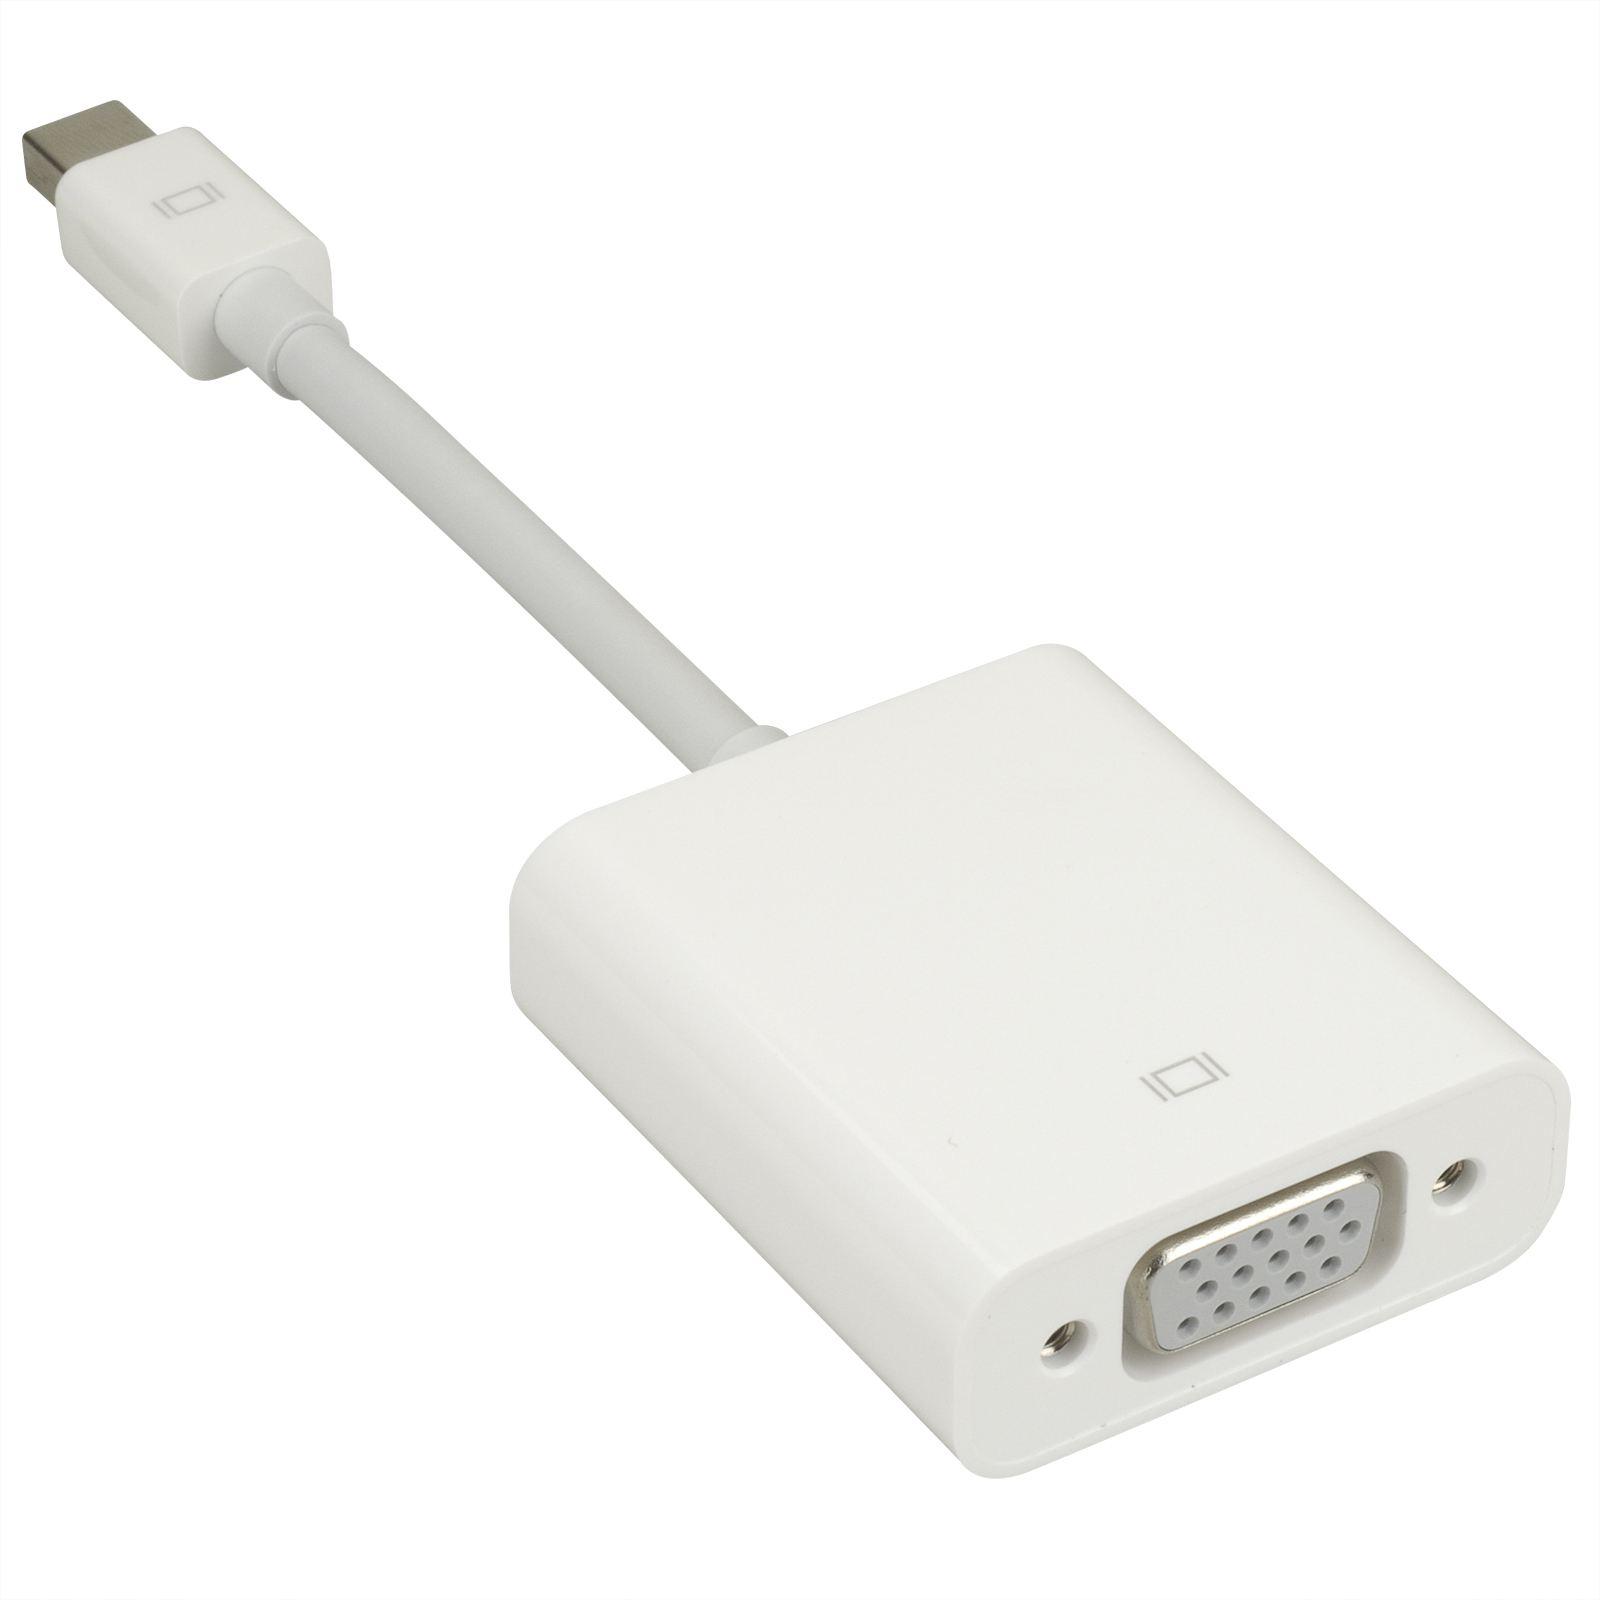 Cáp Chuyển Apple Mini Display Port To VGA MB572Z/B - Hàng Chính Hãng